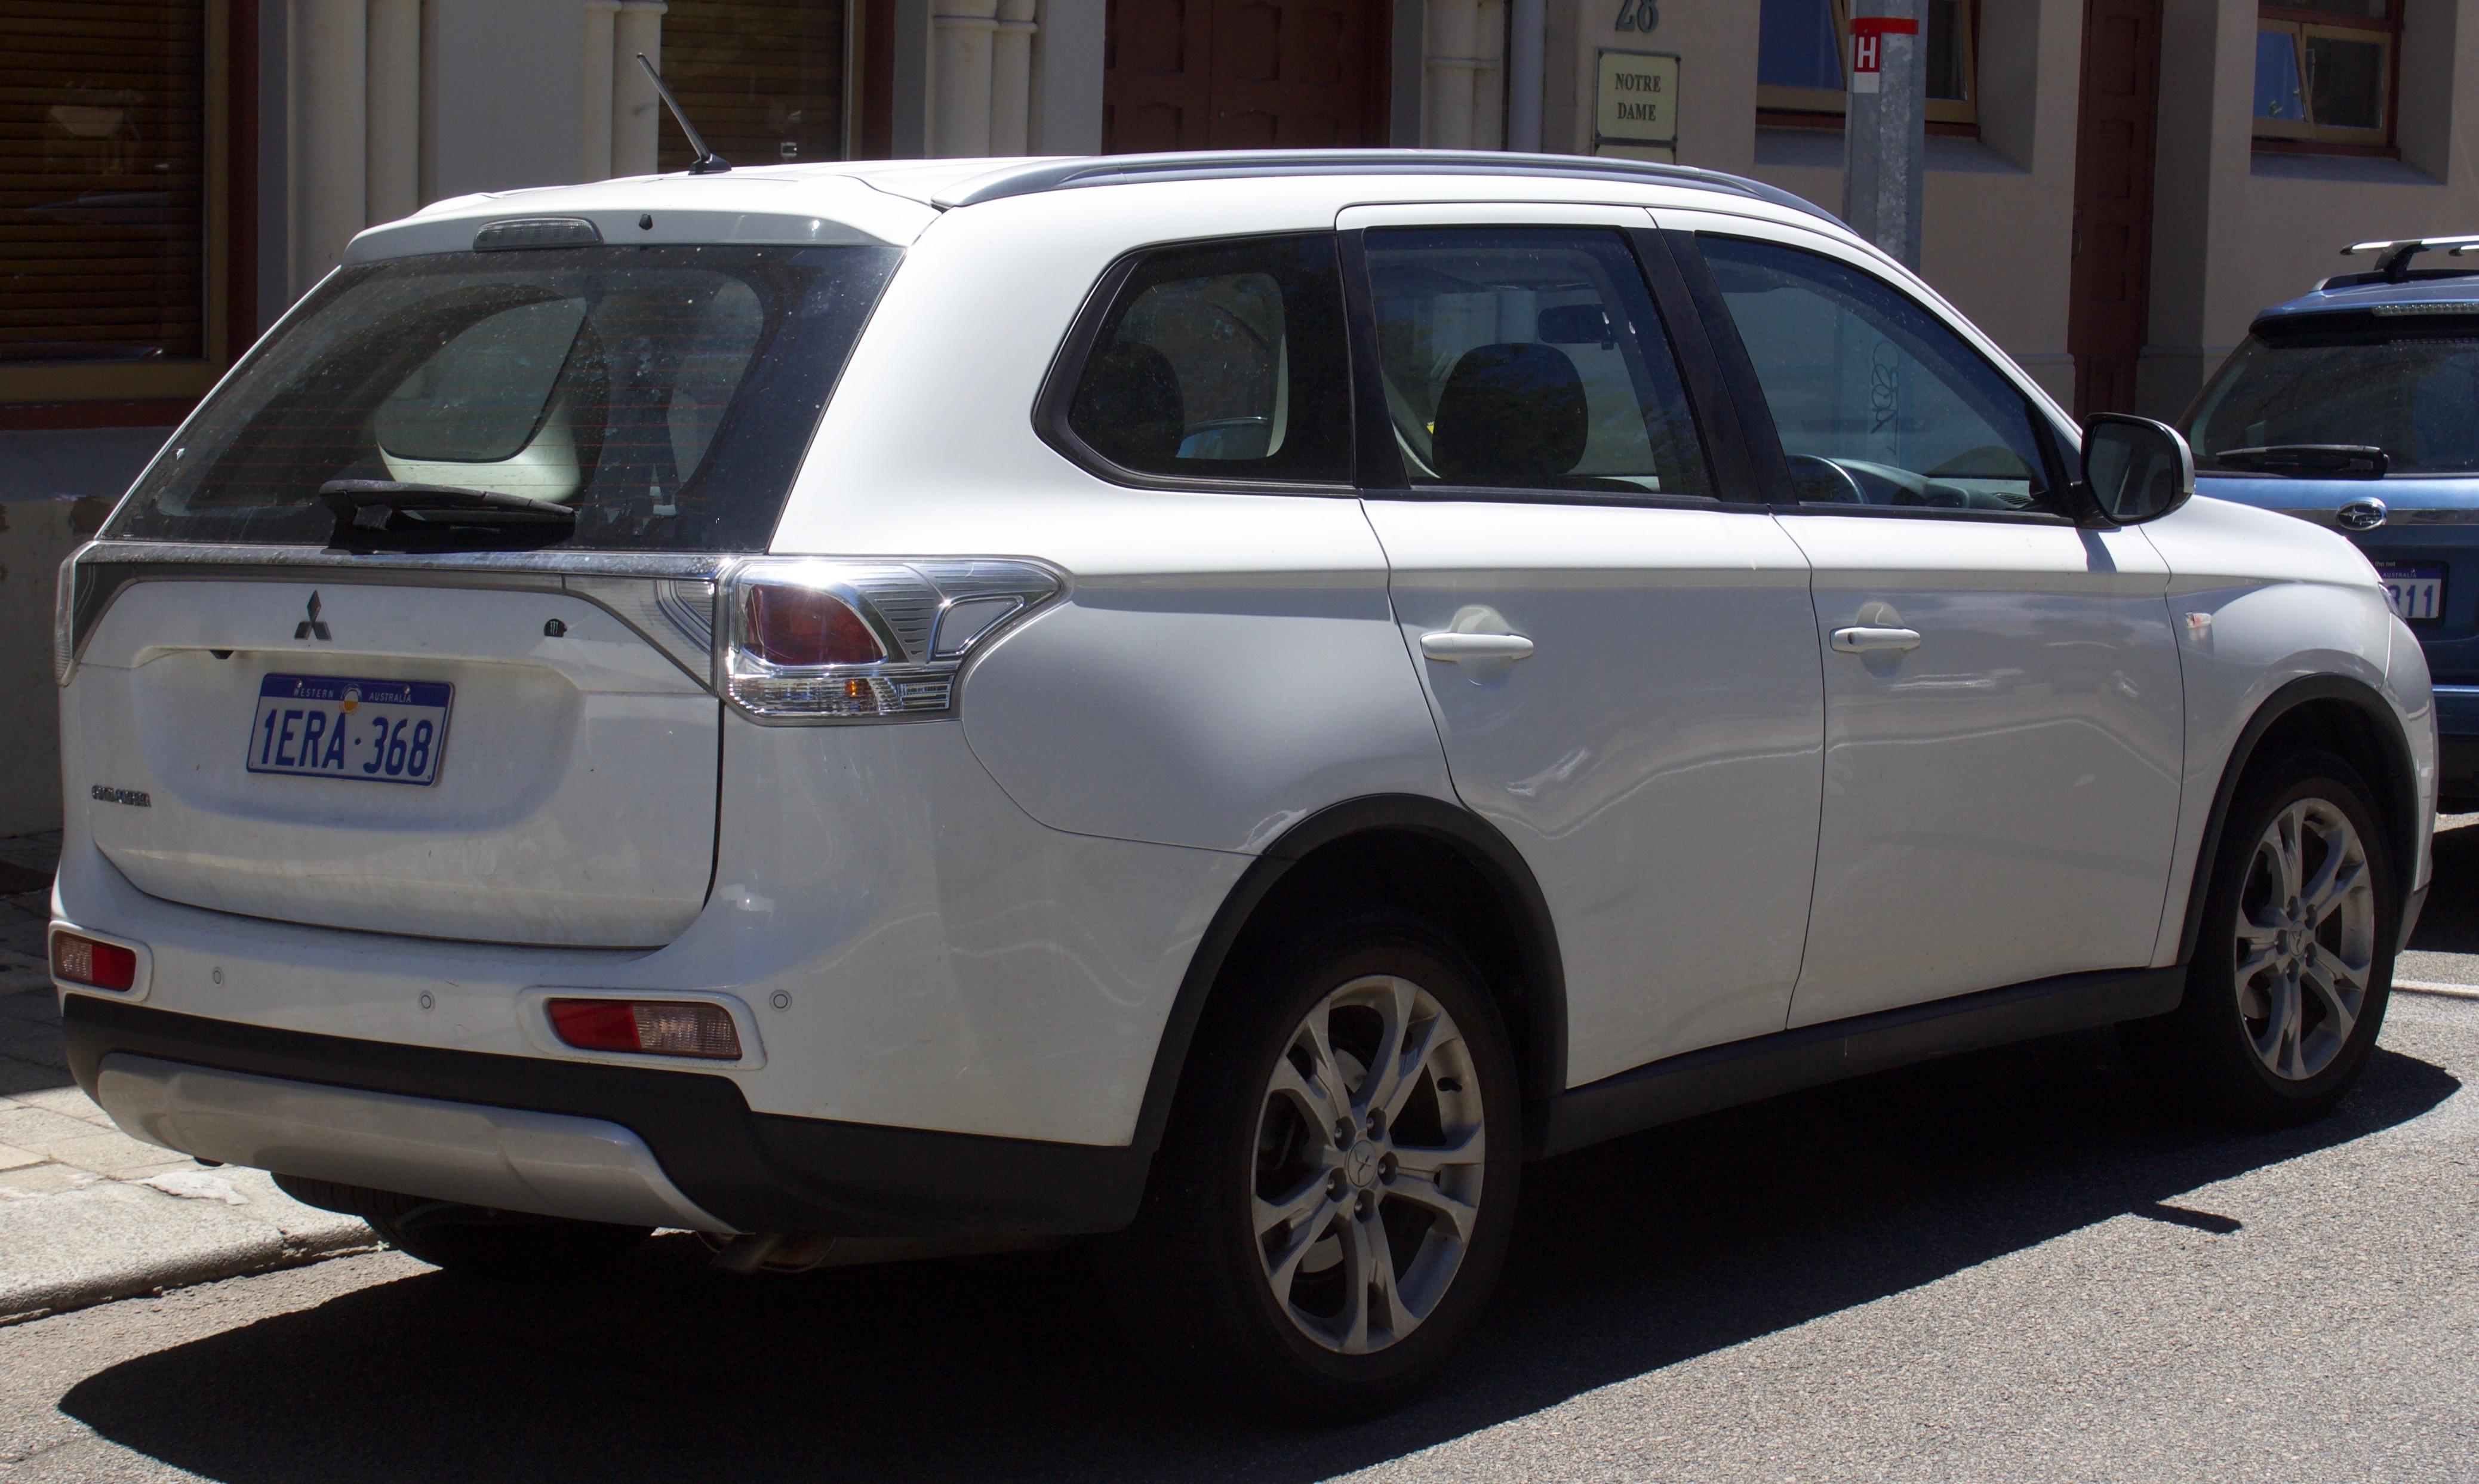 File:2014 Mitsubishi Outlander (ZJ MY14 5) ES 2WD wagon